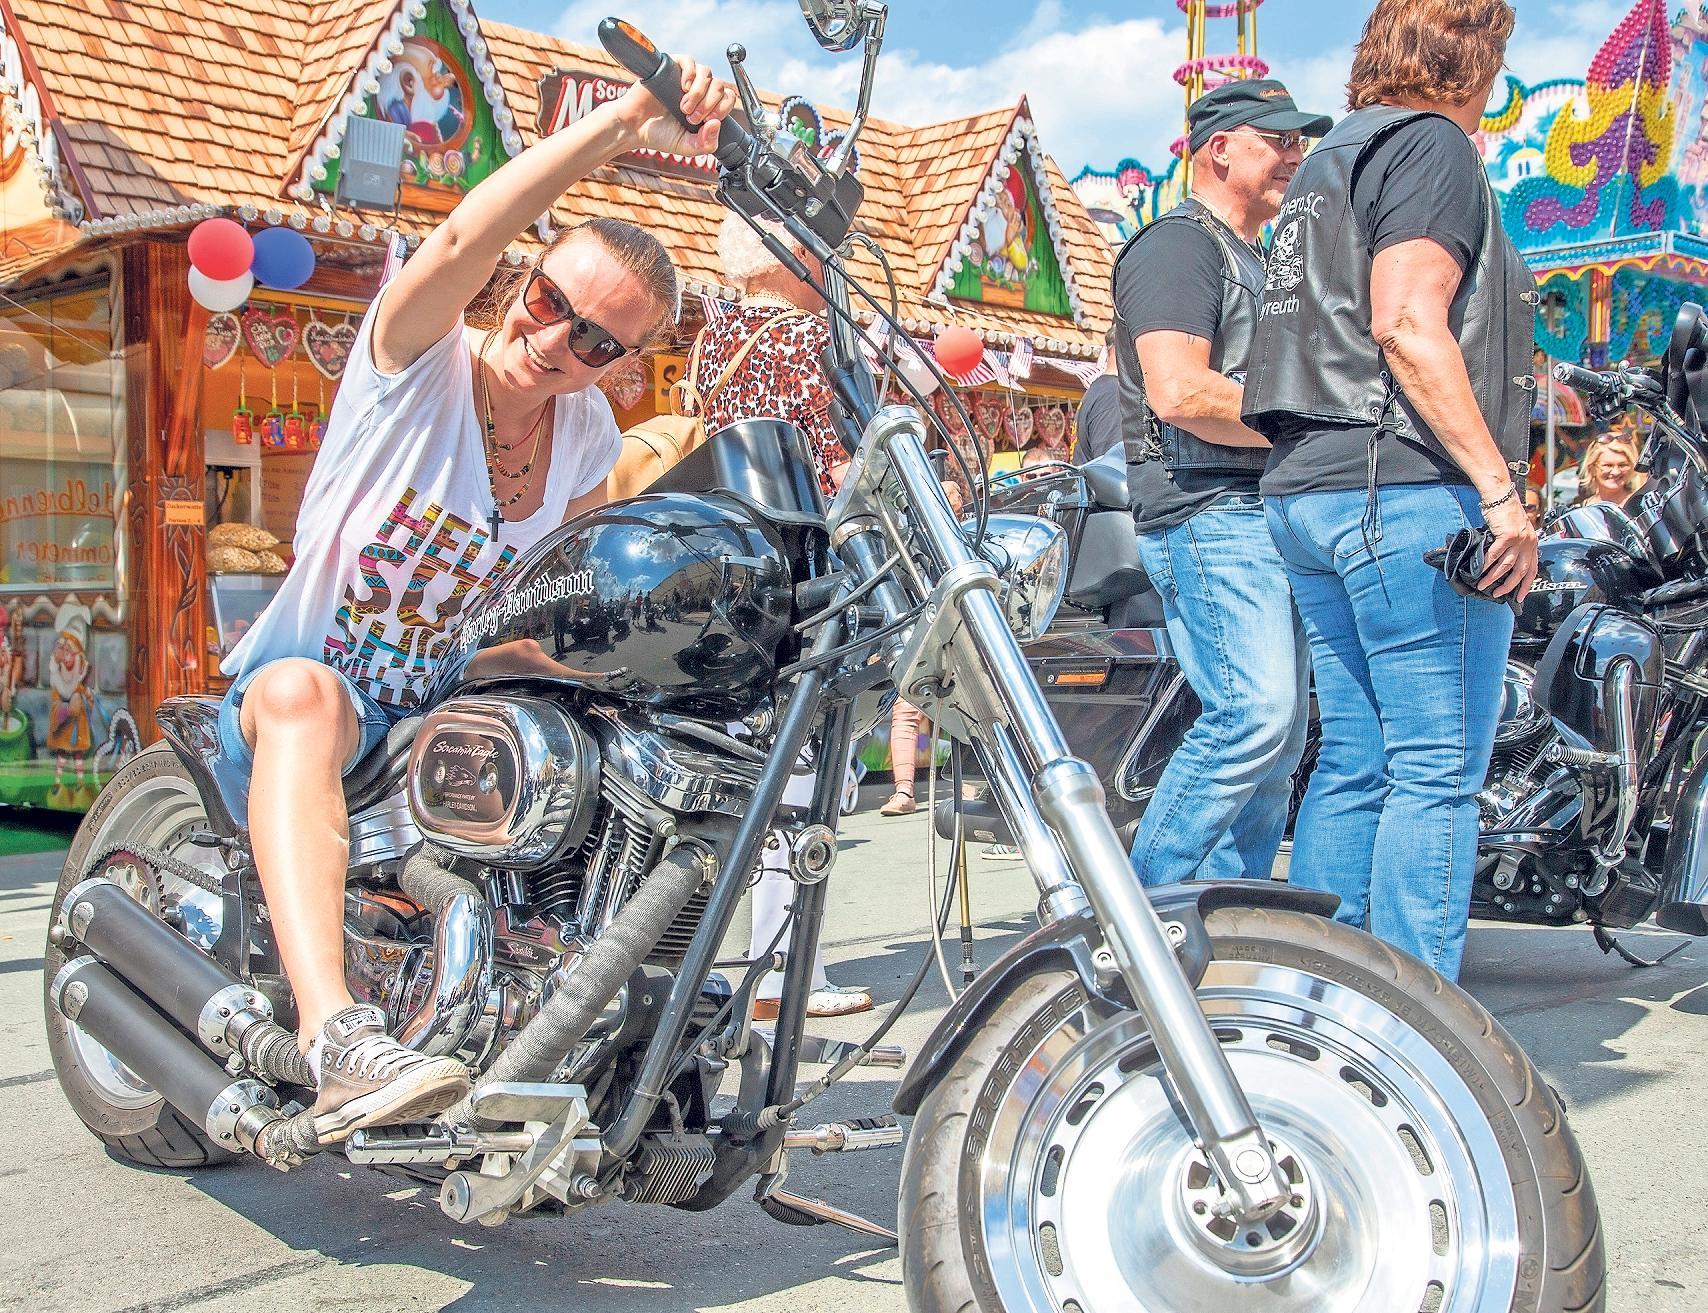 Zum American Day am Samstag, 15. Juni, gibt es auch eine Motorradparade rund um die Kultmarke Harley-Davidson.